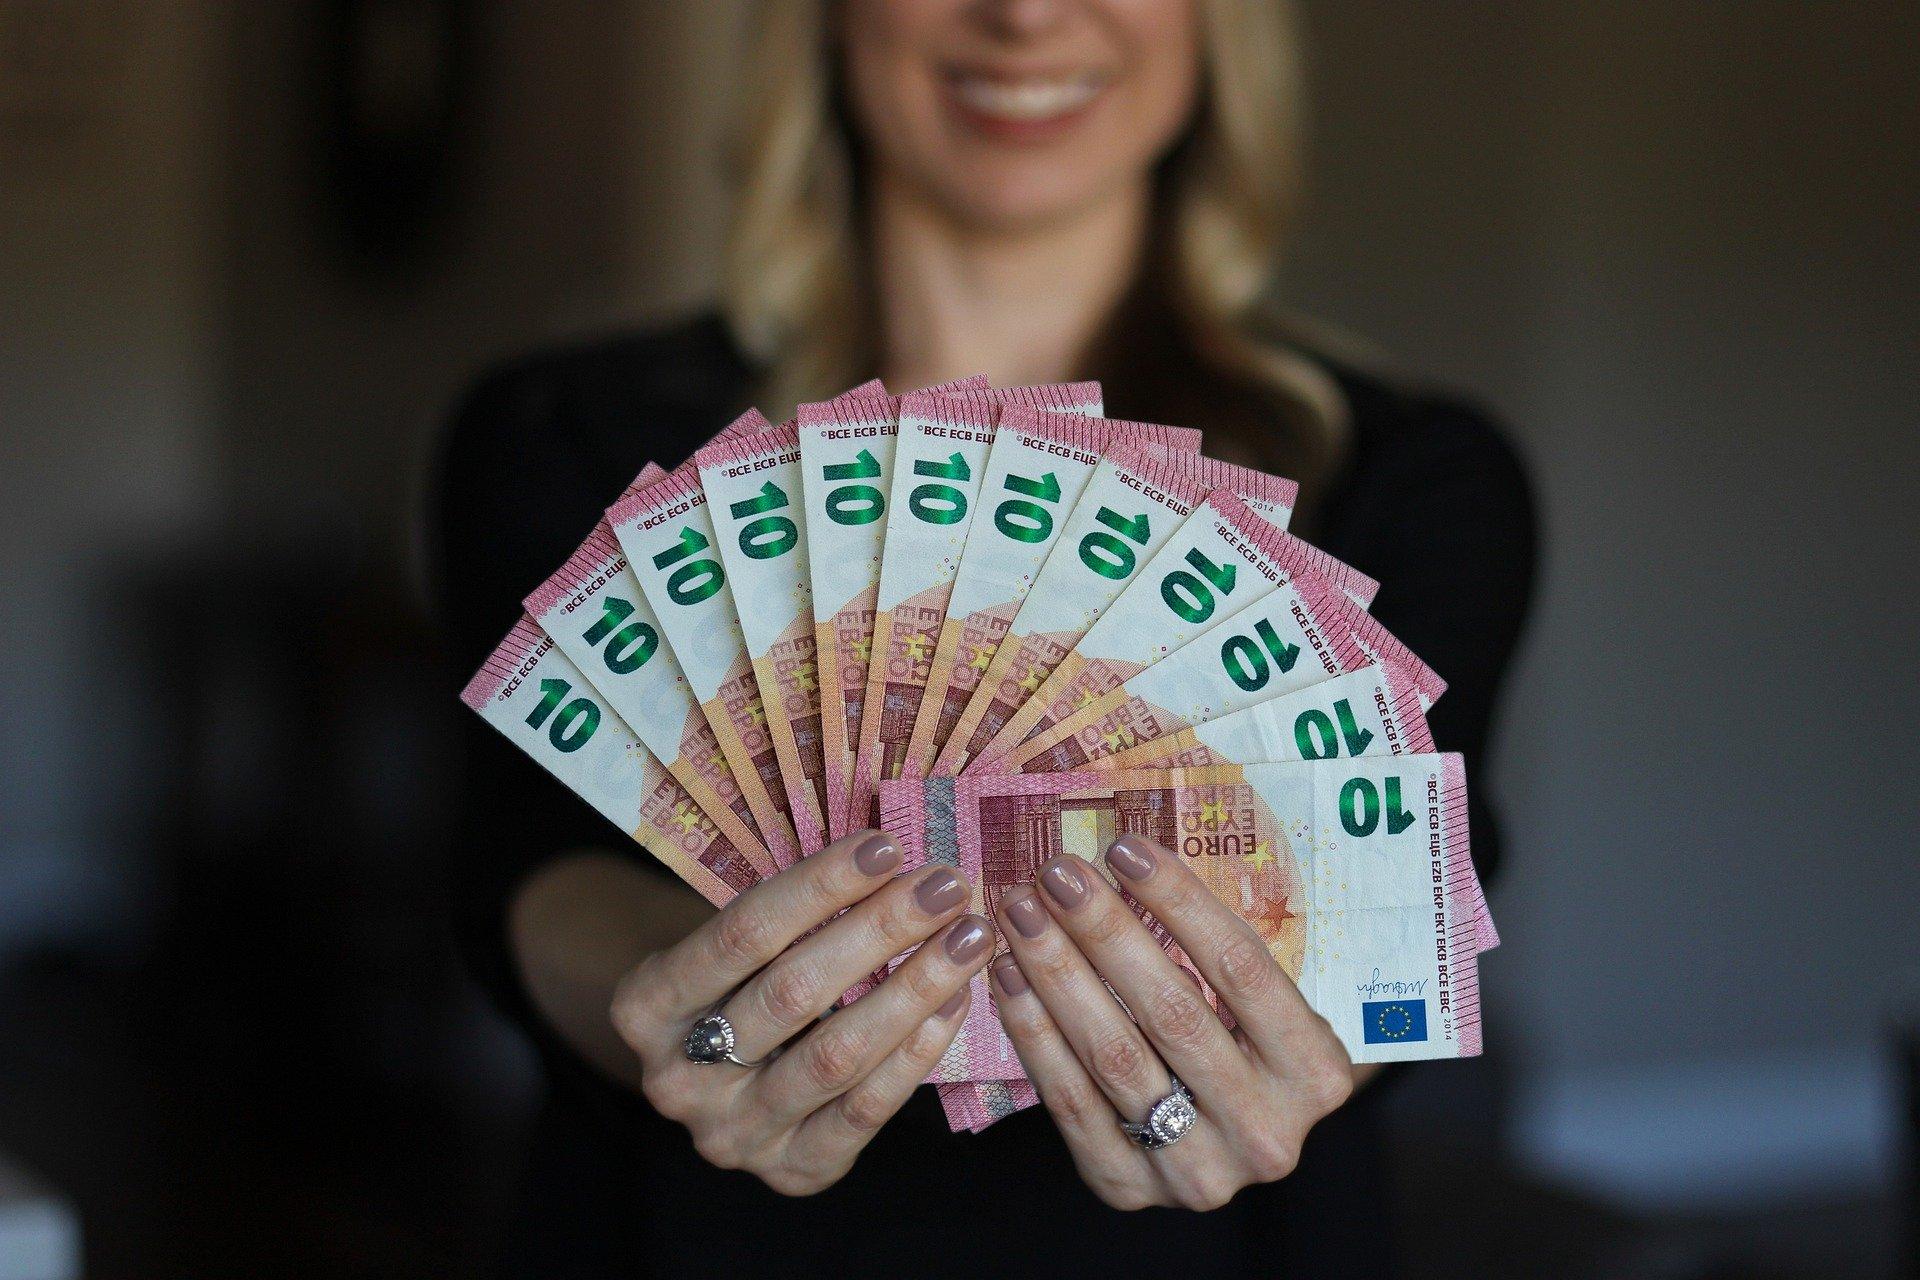 Obter dinheiro através do reforço da hipoteca